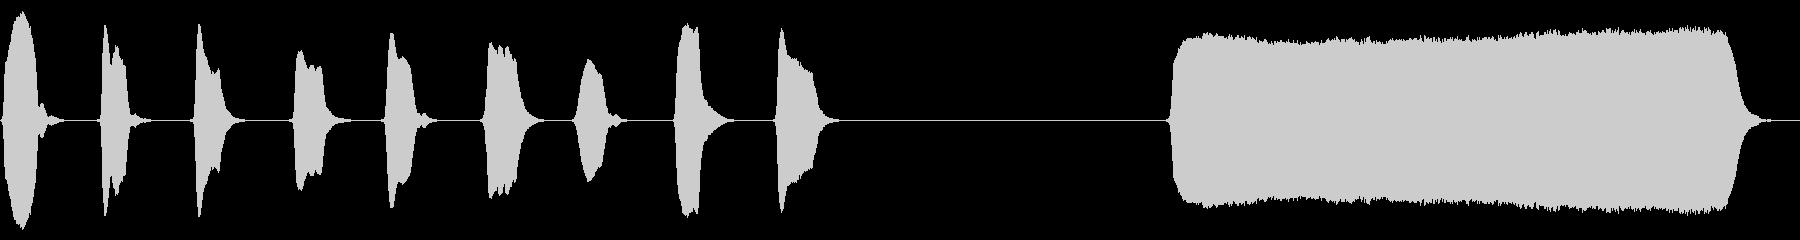 明るい ソプラノリコーダー ソロの未再生の波形